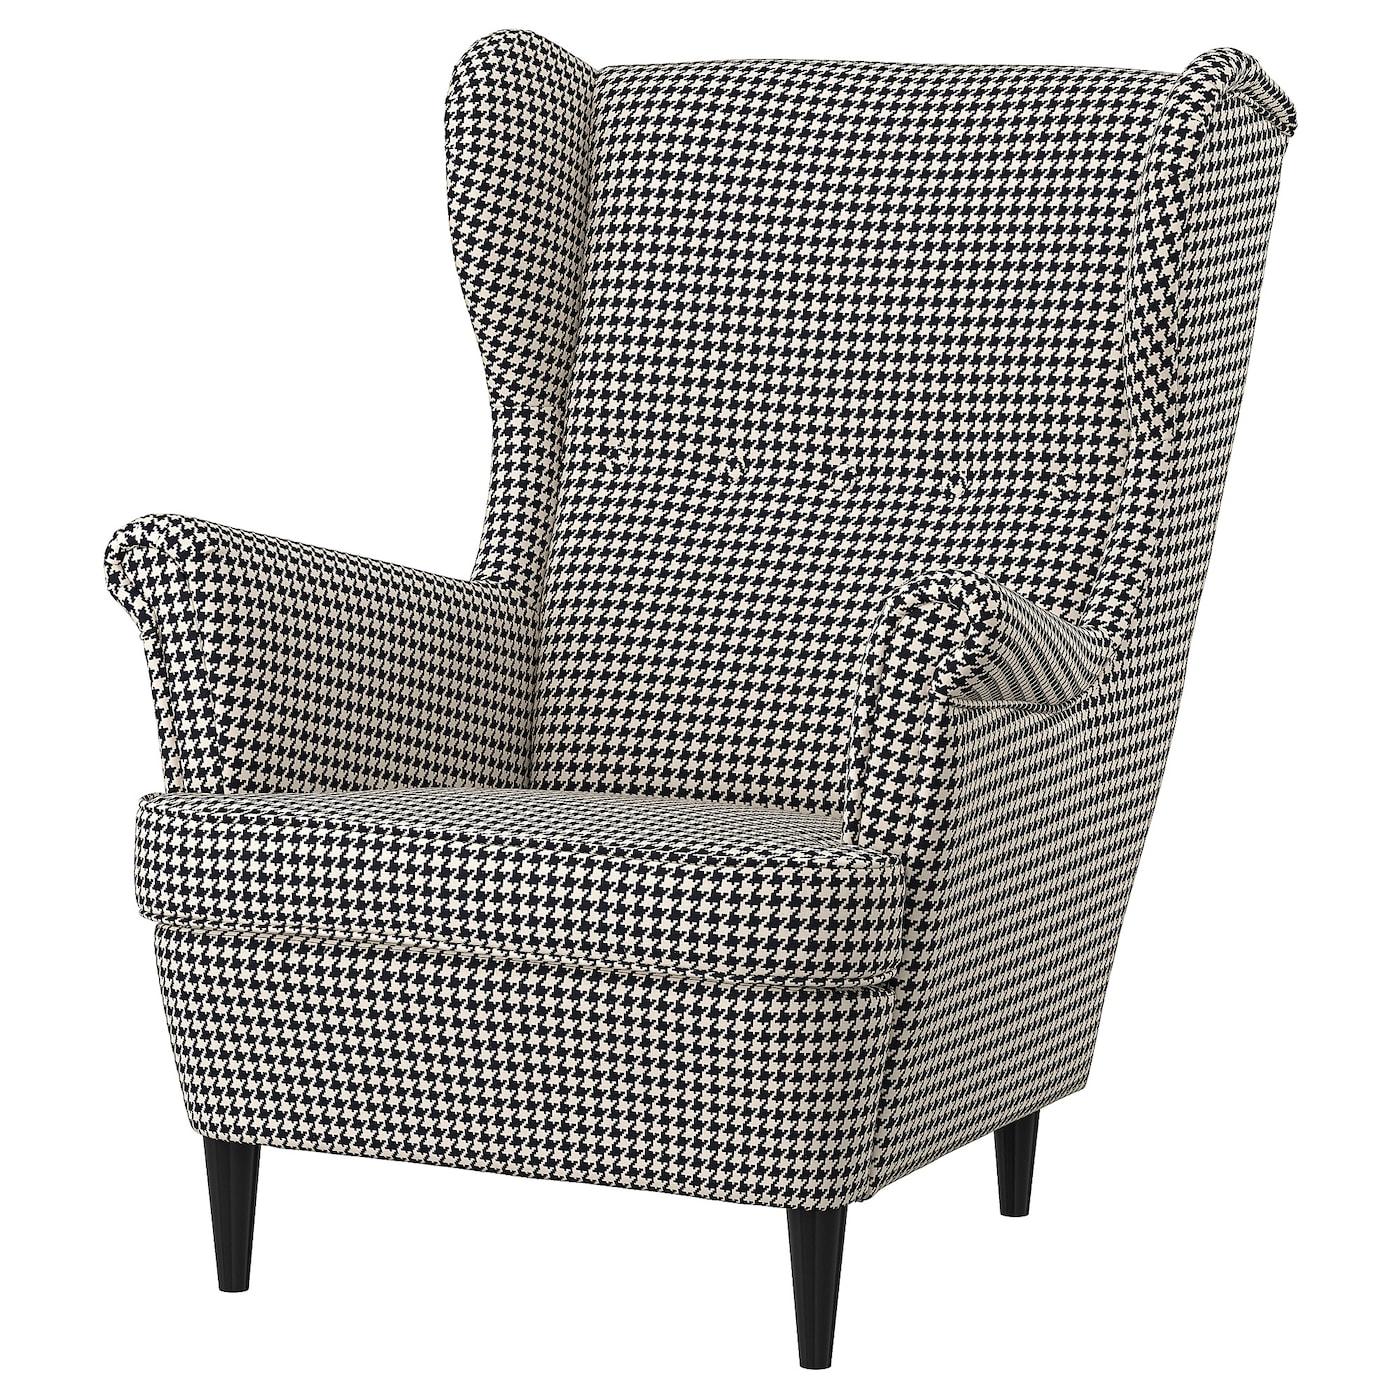 IKEA STRANDMON Fotel uszak, Vibberbo czarny/beżowy